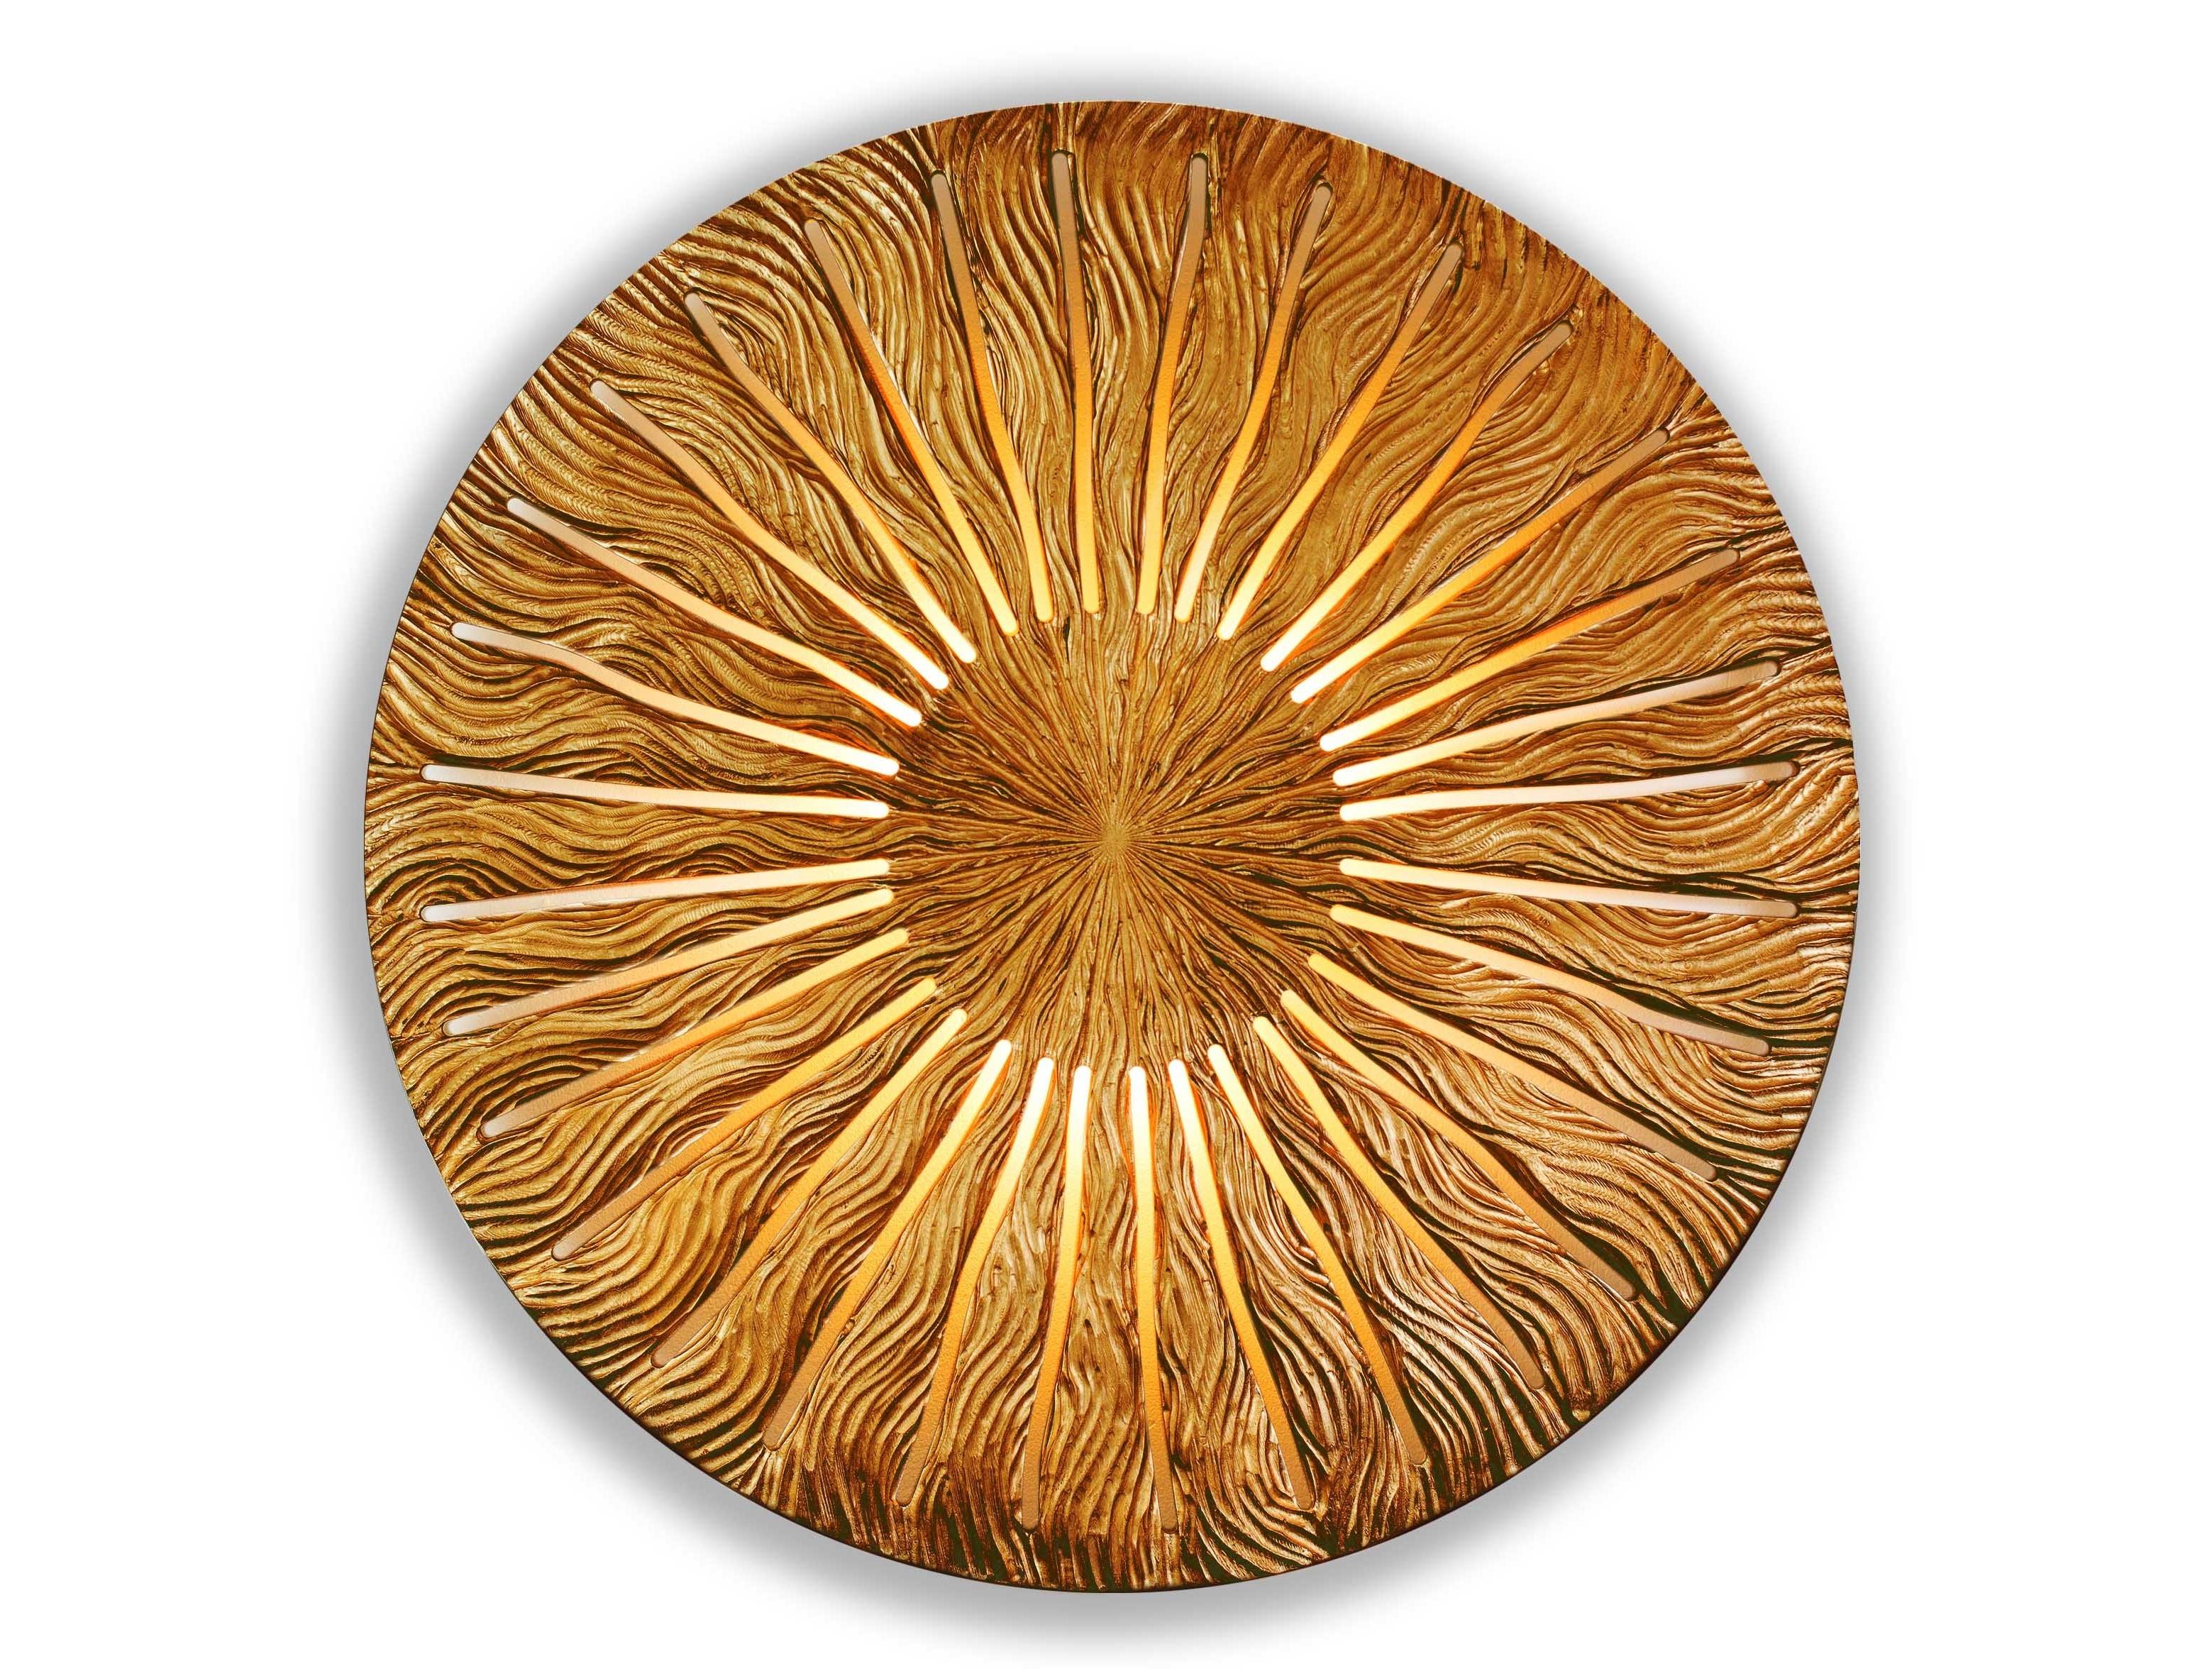 Ночник IncipientПанно<br>&amp;lt;span style=&amp;quot;line-height: 24.9999px;&amp;quot;&amp;gt;Эффектный ночник, он же – настенное панно в форме солнечного диска – нетривиальное украшение для спальни, гостиной, коридора или кабинета. «Светило» изготовлено из ценных сортов древесины, каждая прожилка сложного рисунка выточена вручную. Для подсветки используются 4 энергосберегающие светодиодные лампы. Размер изделия составляет 990х990 мм, толщина – 7см, вес – 7 кг.&amp;lt;/span&amp;gt;<br><br>Material: Дерево<br>Width см: None<br>Depth см: 0,8<br>Height см: None<br>Diameter см: 90